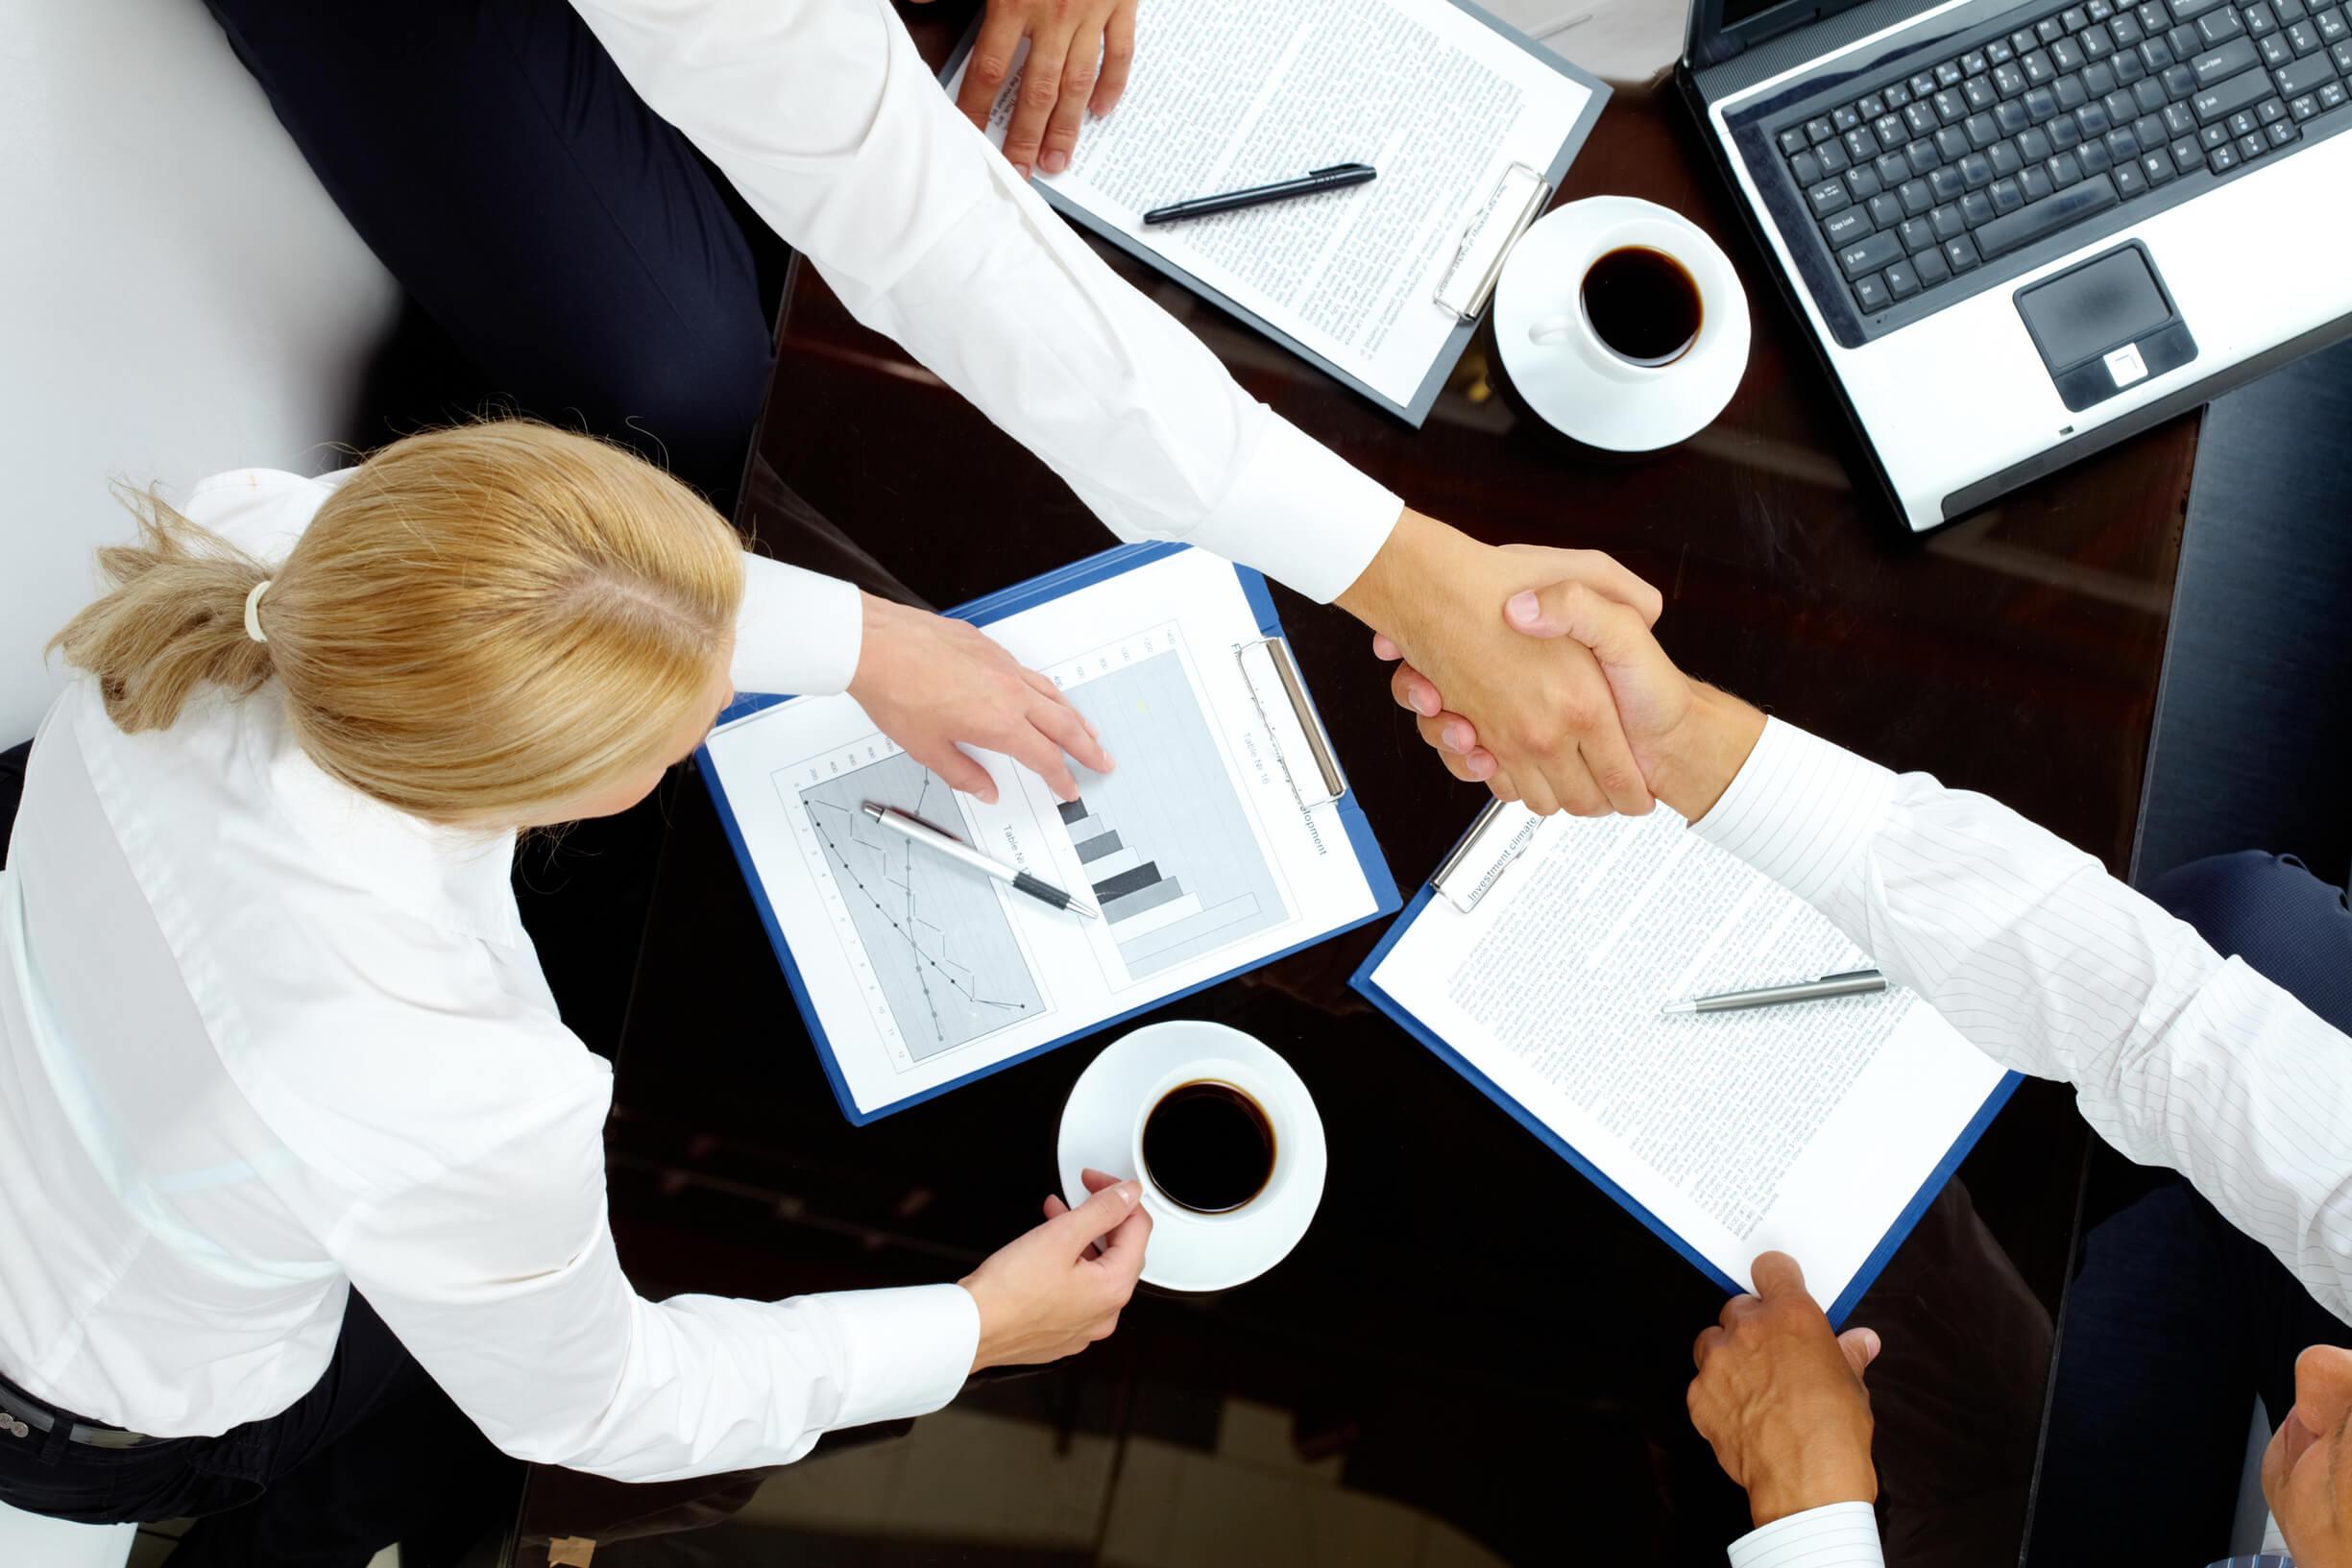 Negociação – Onde Você Coloca o Foco?